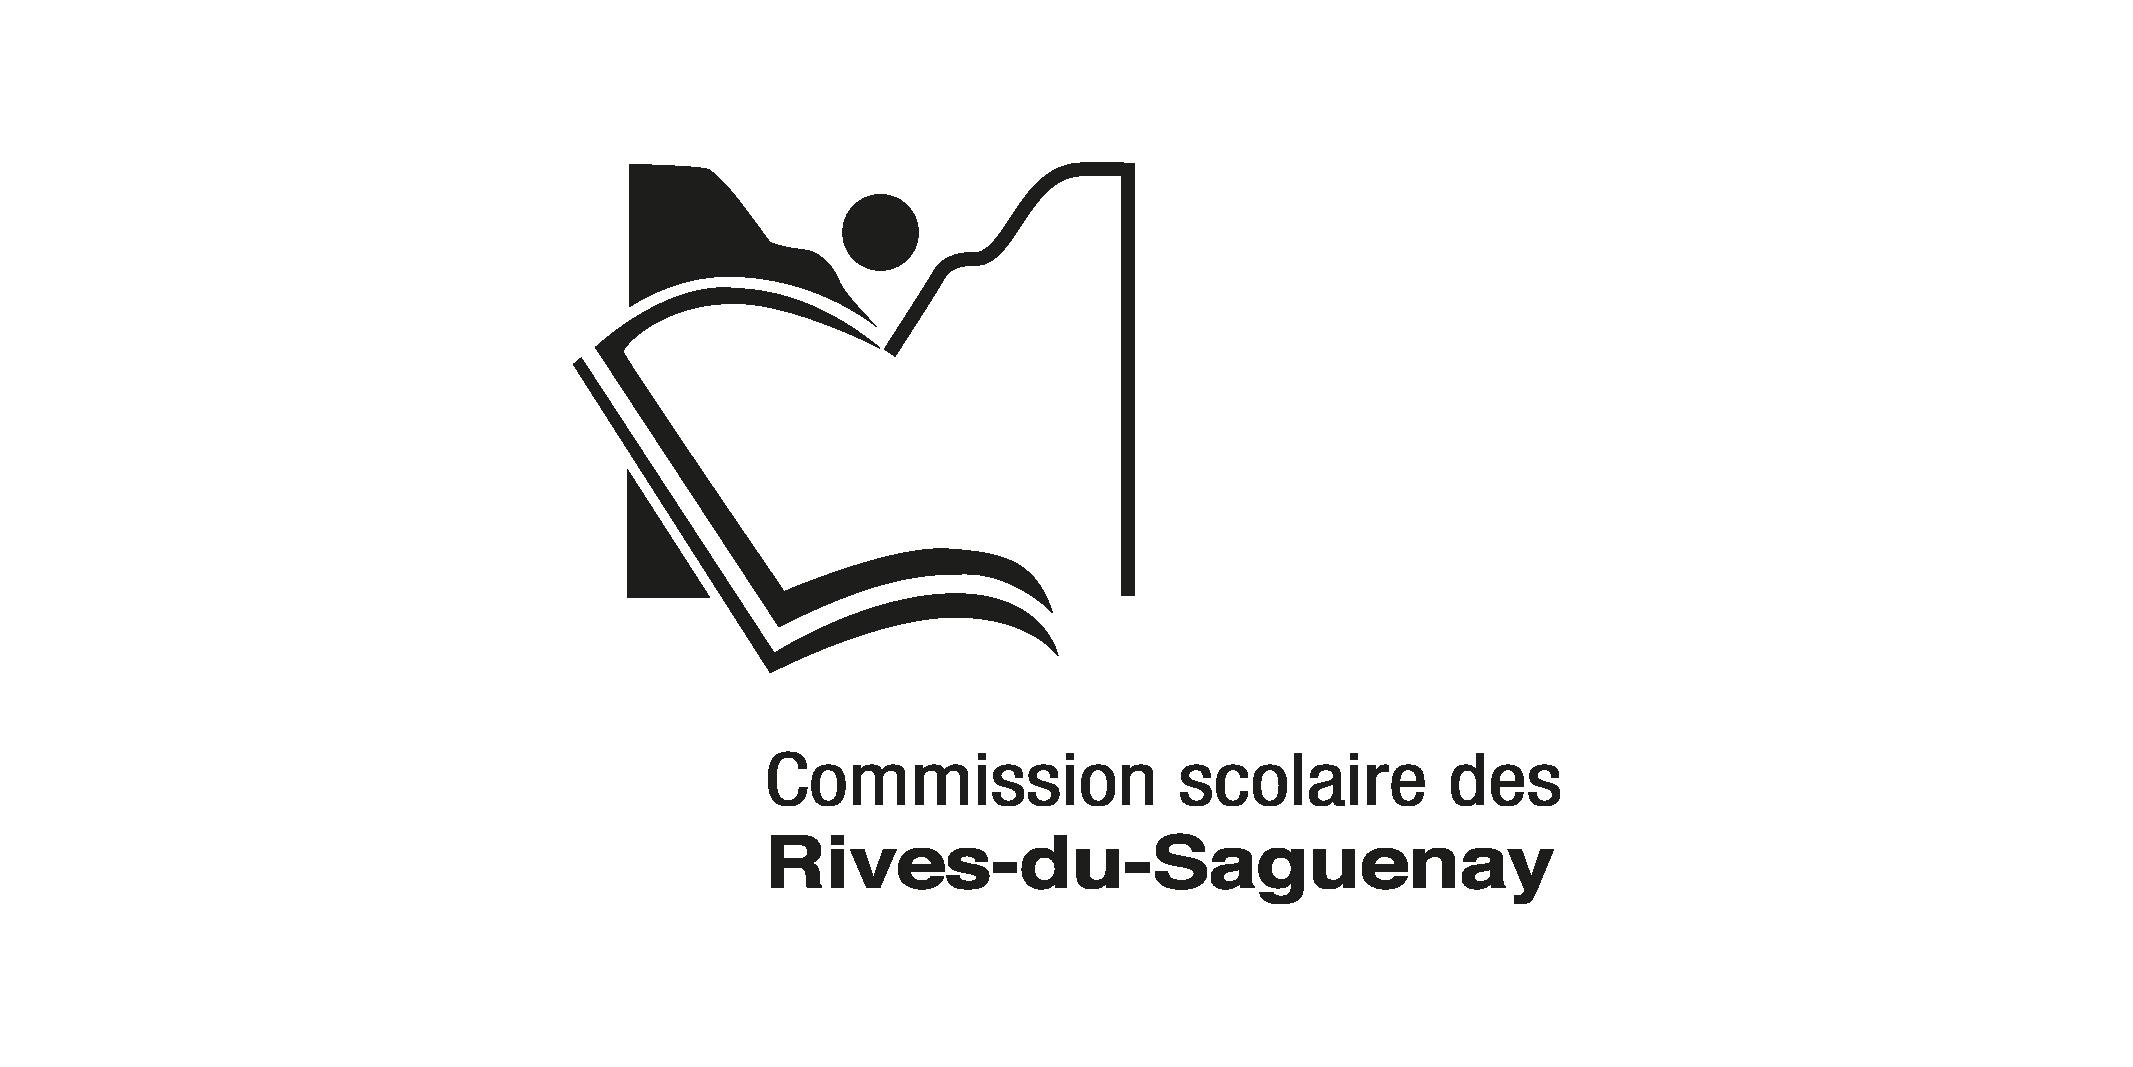 Commission Scolaire des Rives-du-Saguenay